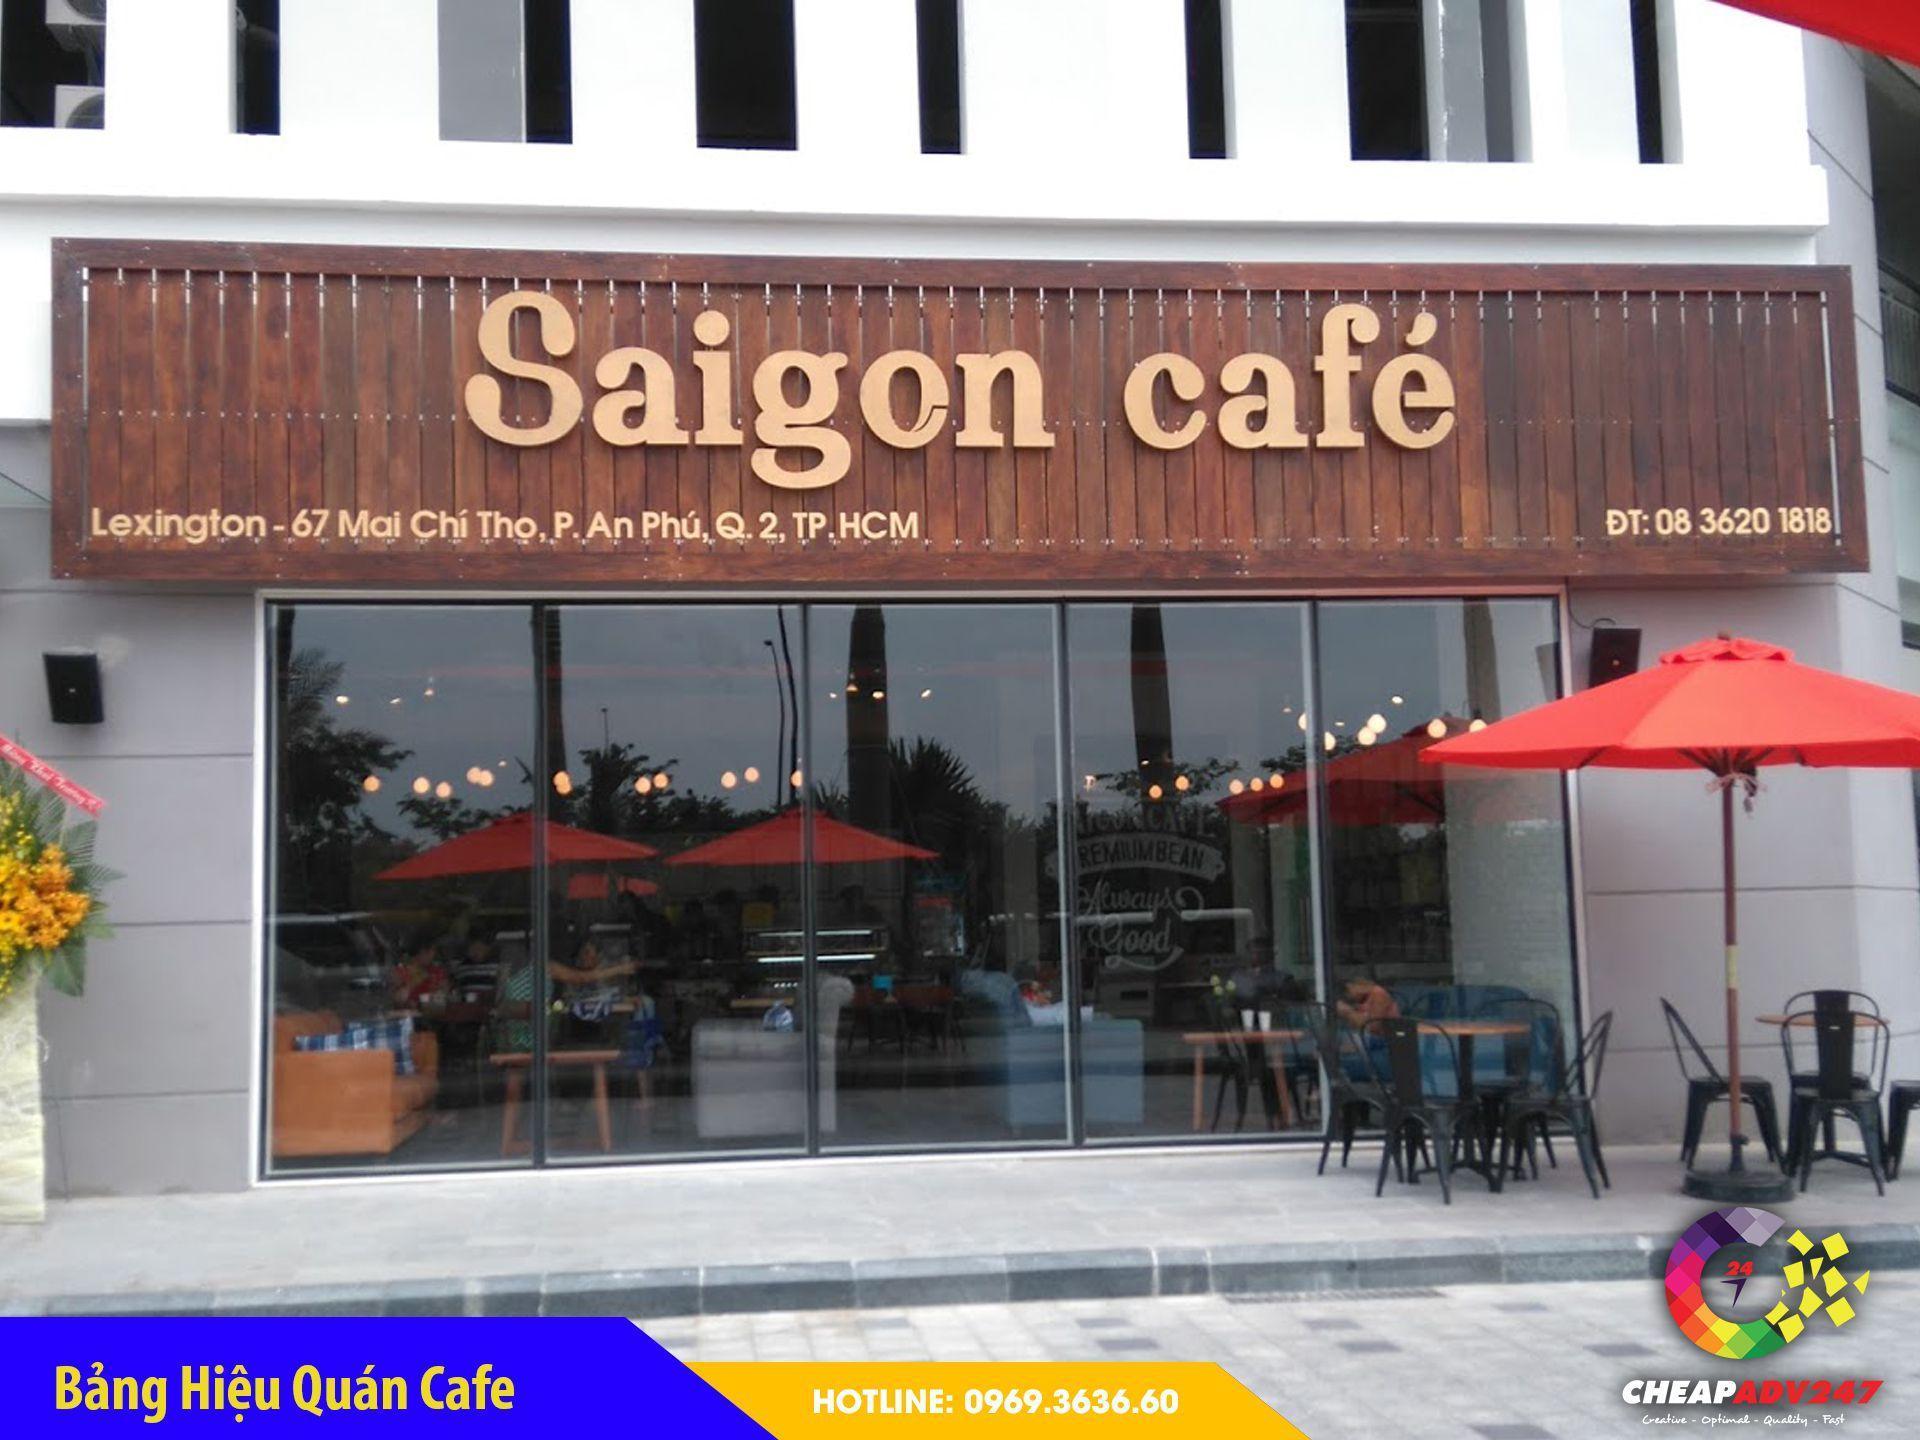 mẫu biển hiệu quán cà phê đẹp nhất tại cheapadv247